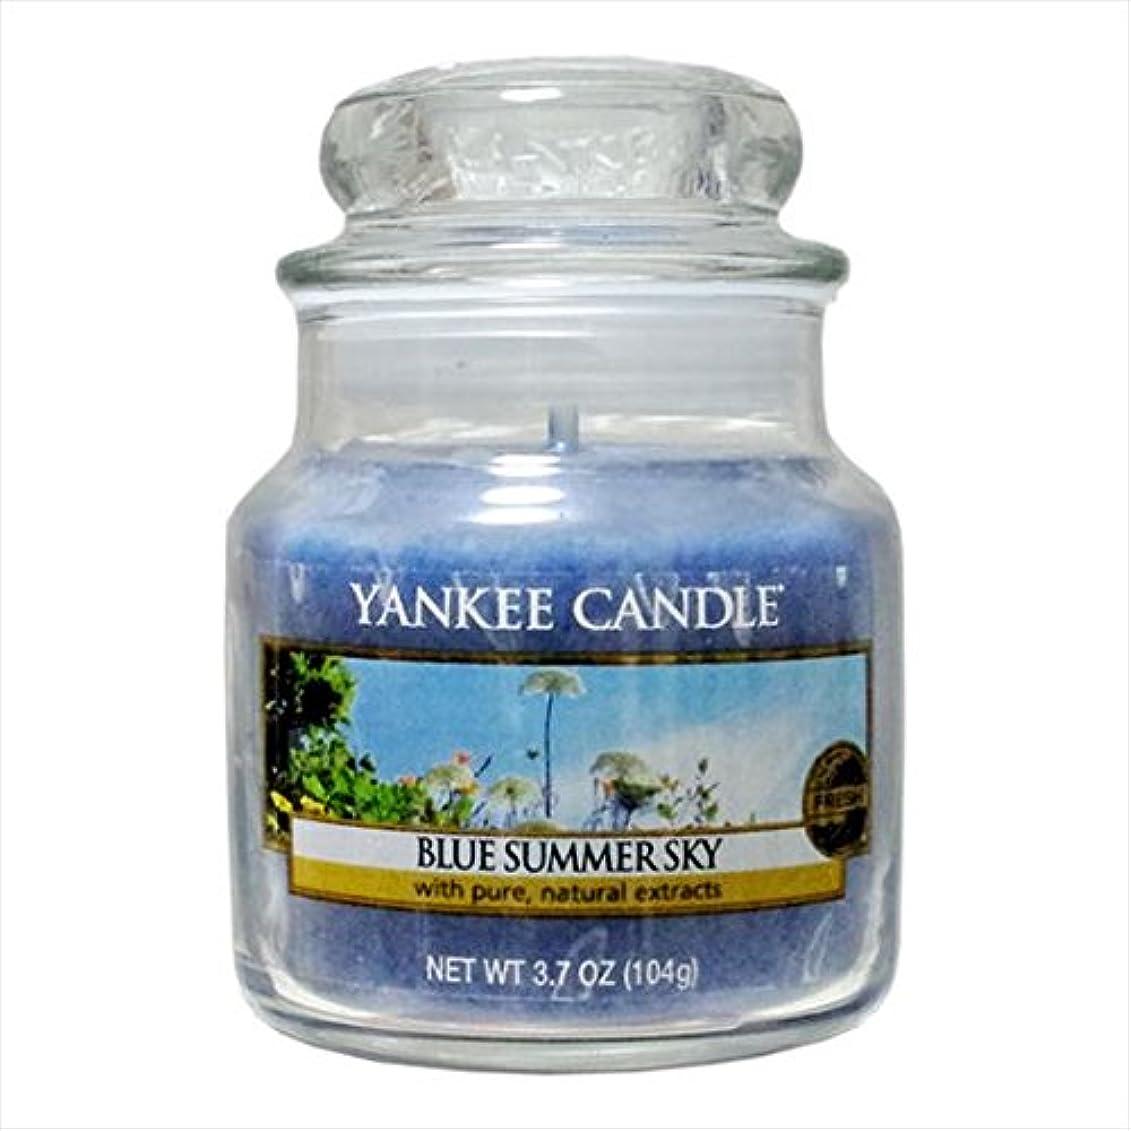 ジョイント散る通訳ヤンキーキャンドル(YANKEE CANDLE) YANKEE CANDLEジャーS 「 ブルーサマースカイ 」